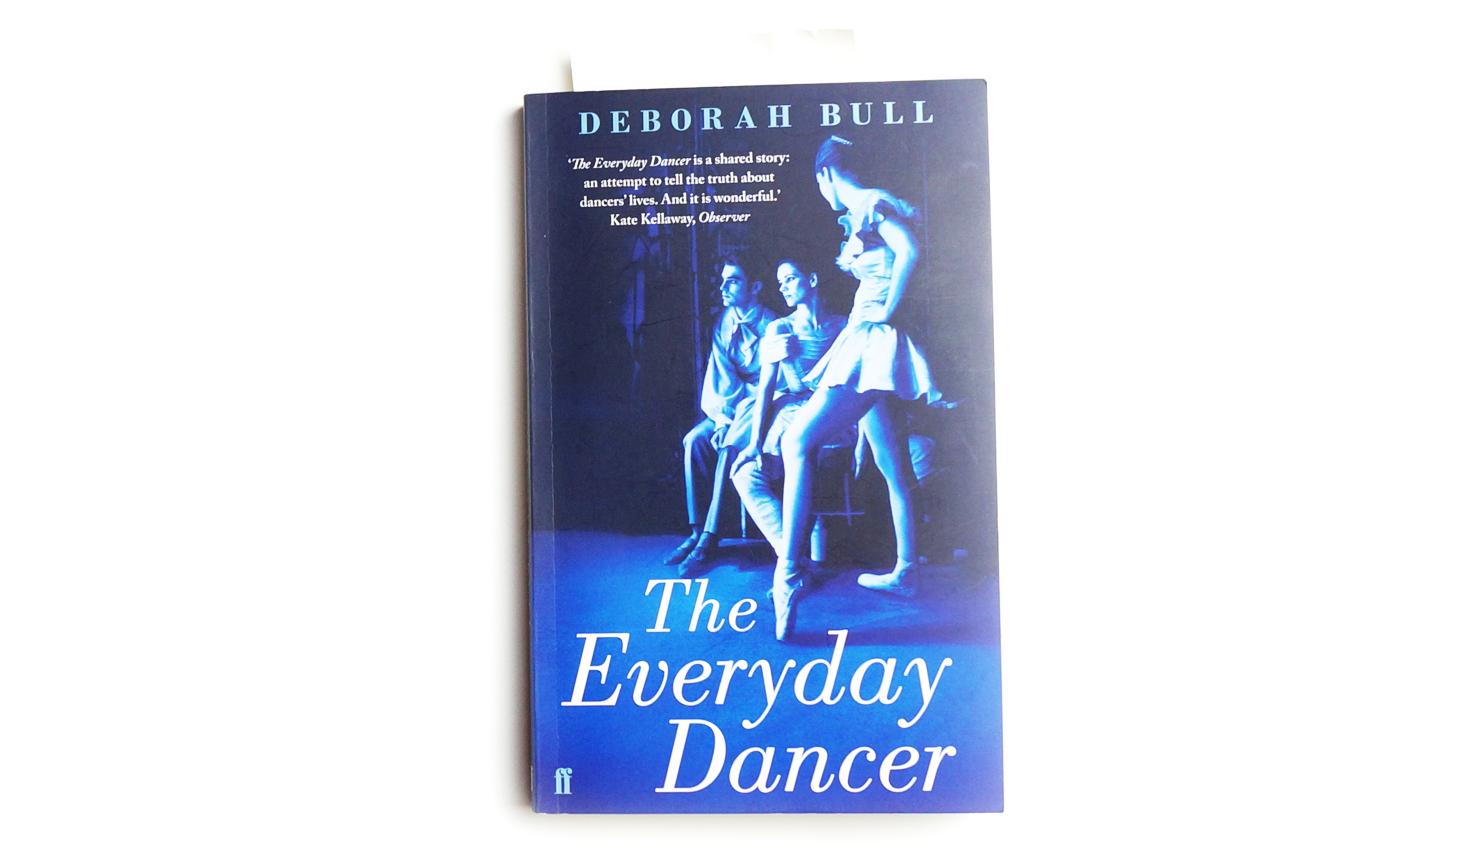 the everyday dancer deborah bull